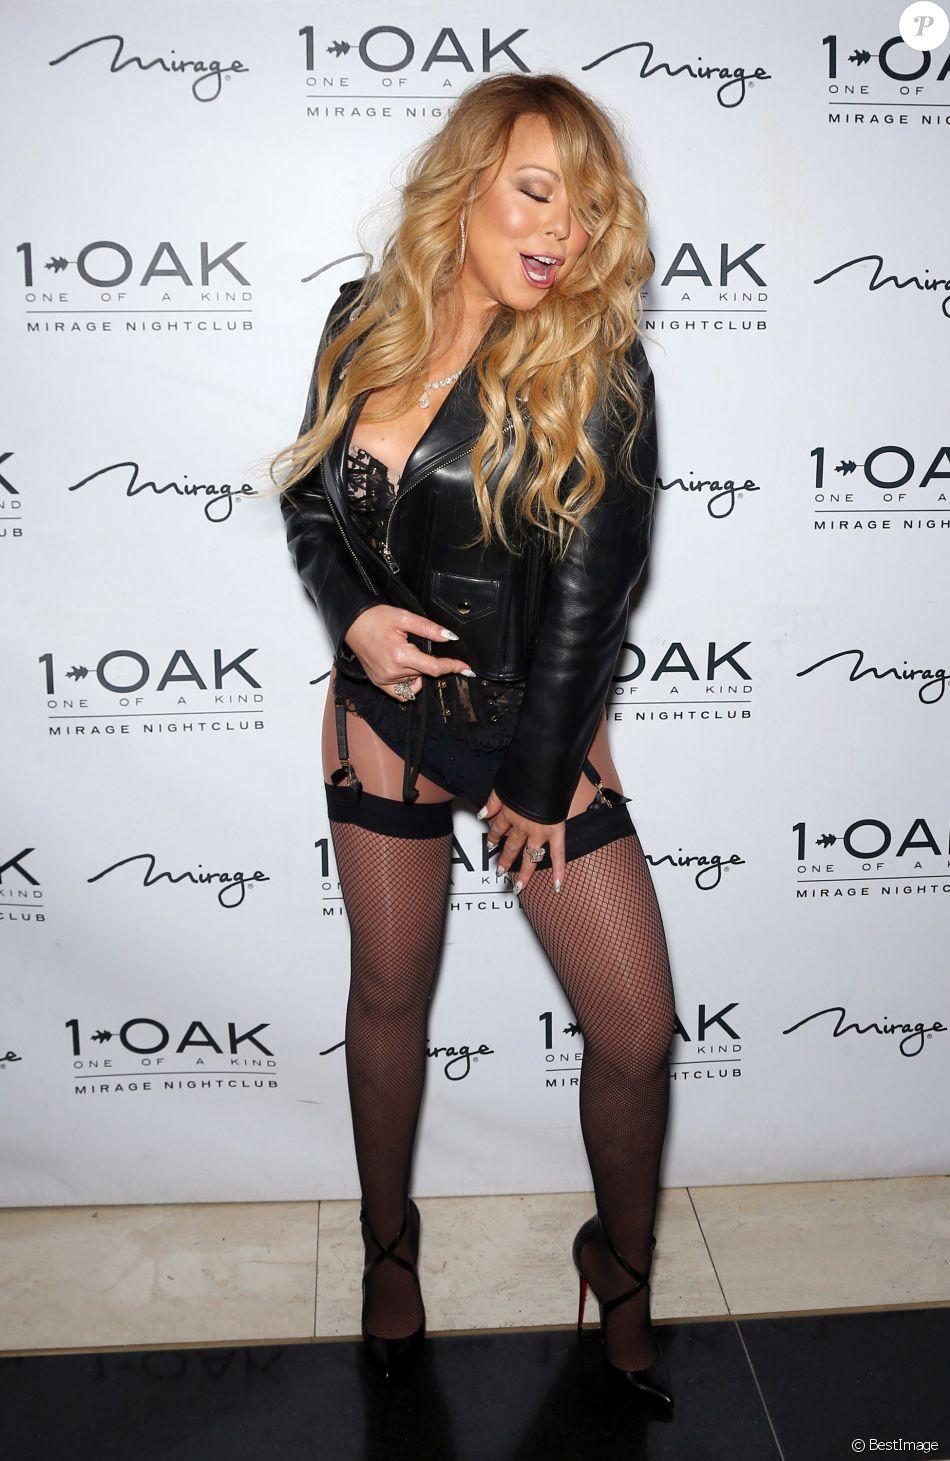 Mariah carey en porte jarretelles lors de la soir e 1 oak - Photos de femmes en porte jarretelles ...